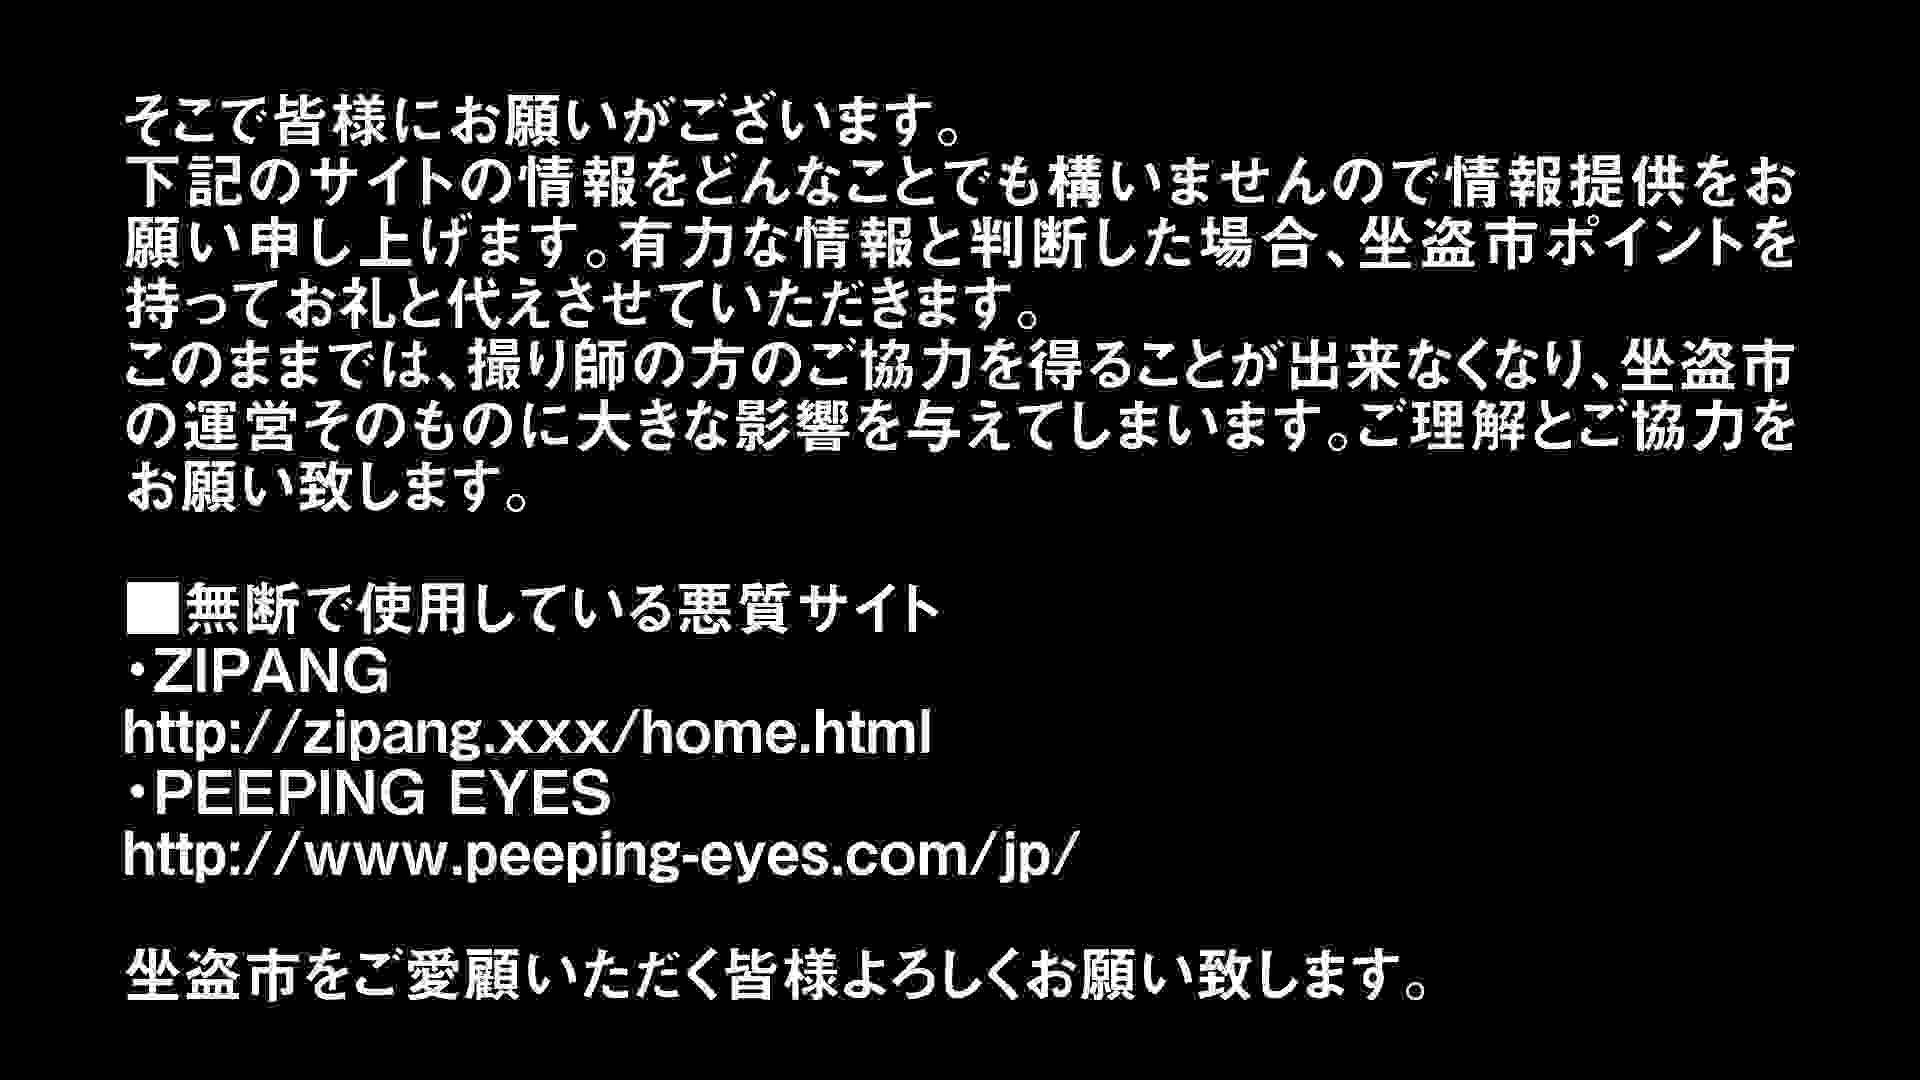 Aquaな露天風呂Vol.301 OLハメ撮り  41Pix 12